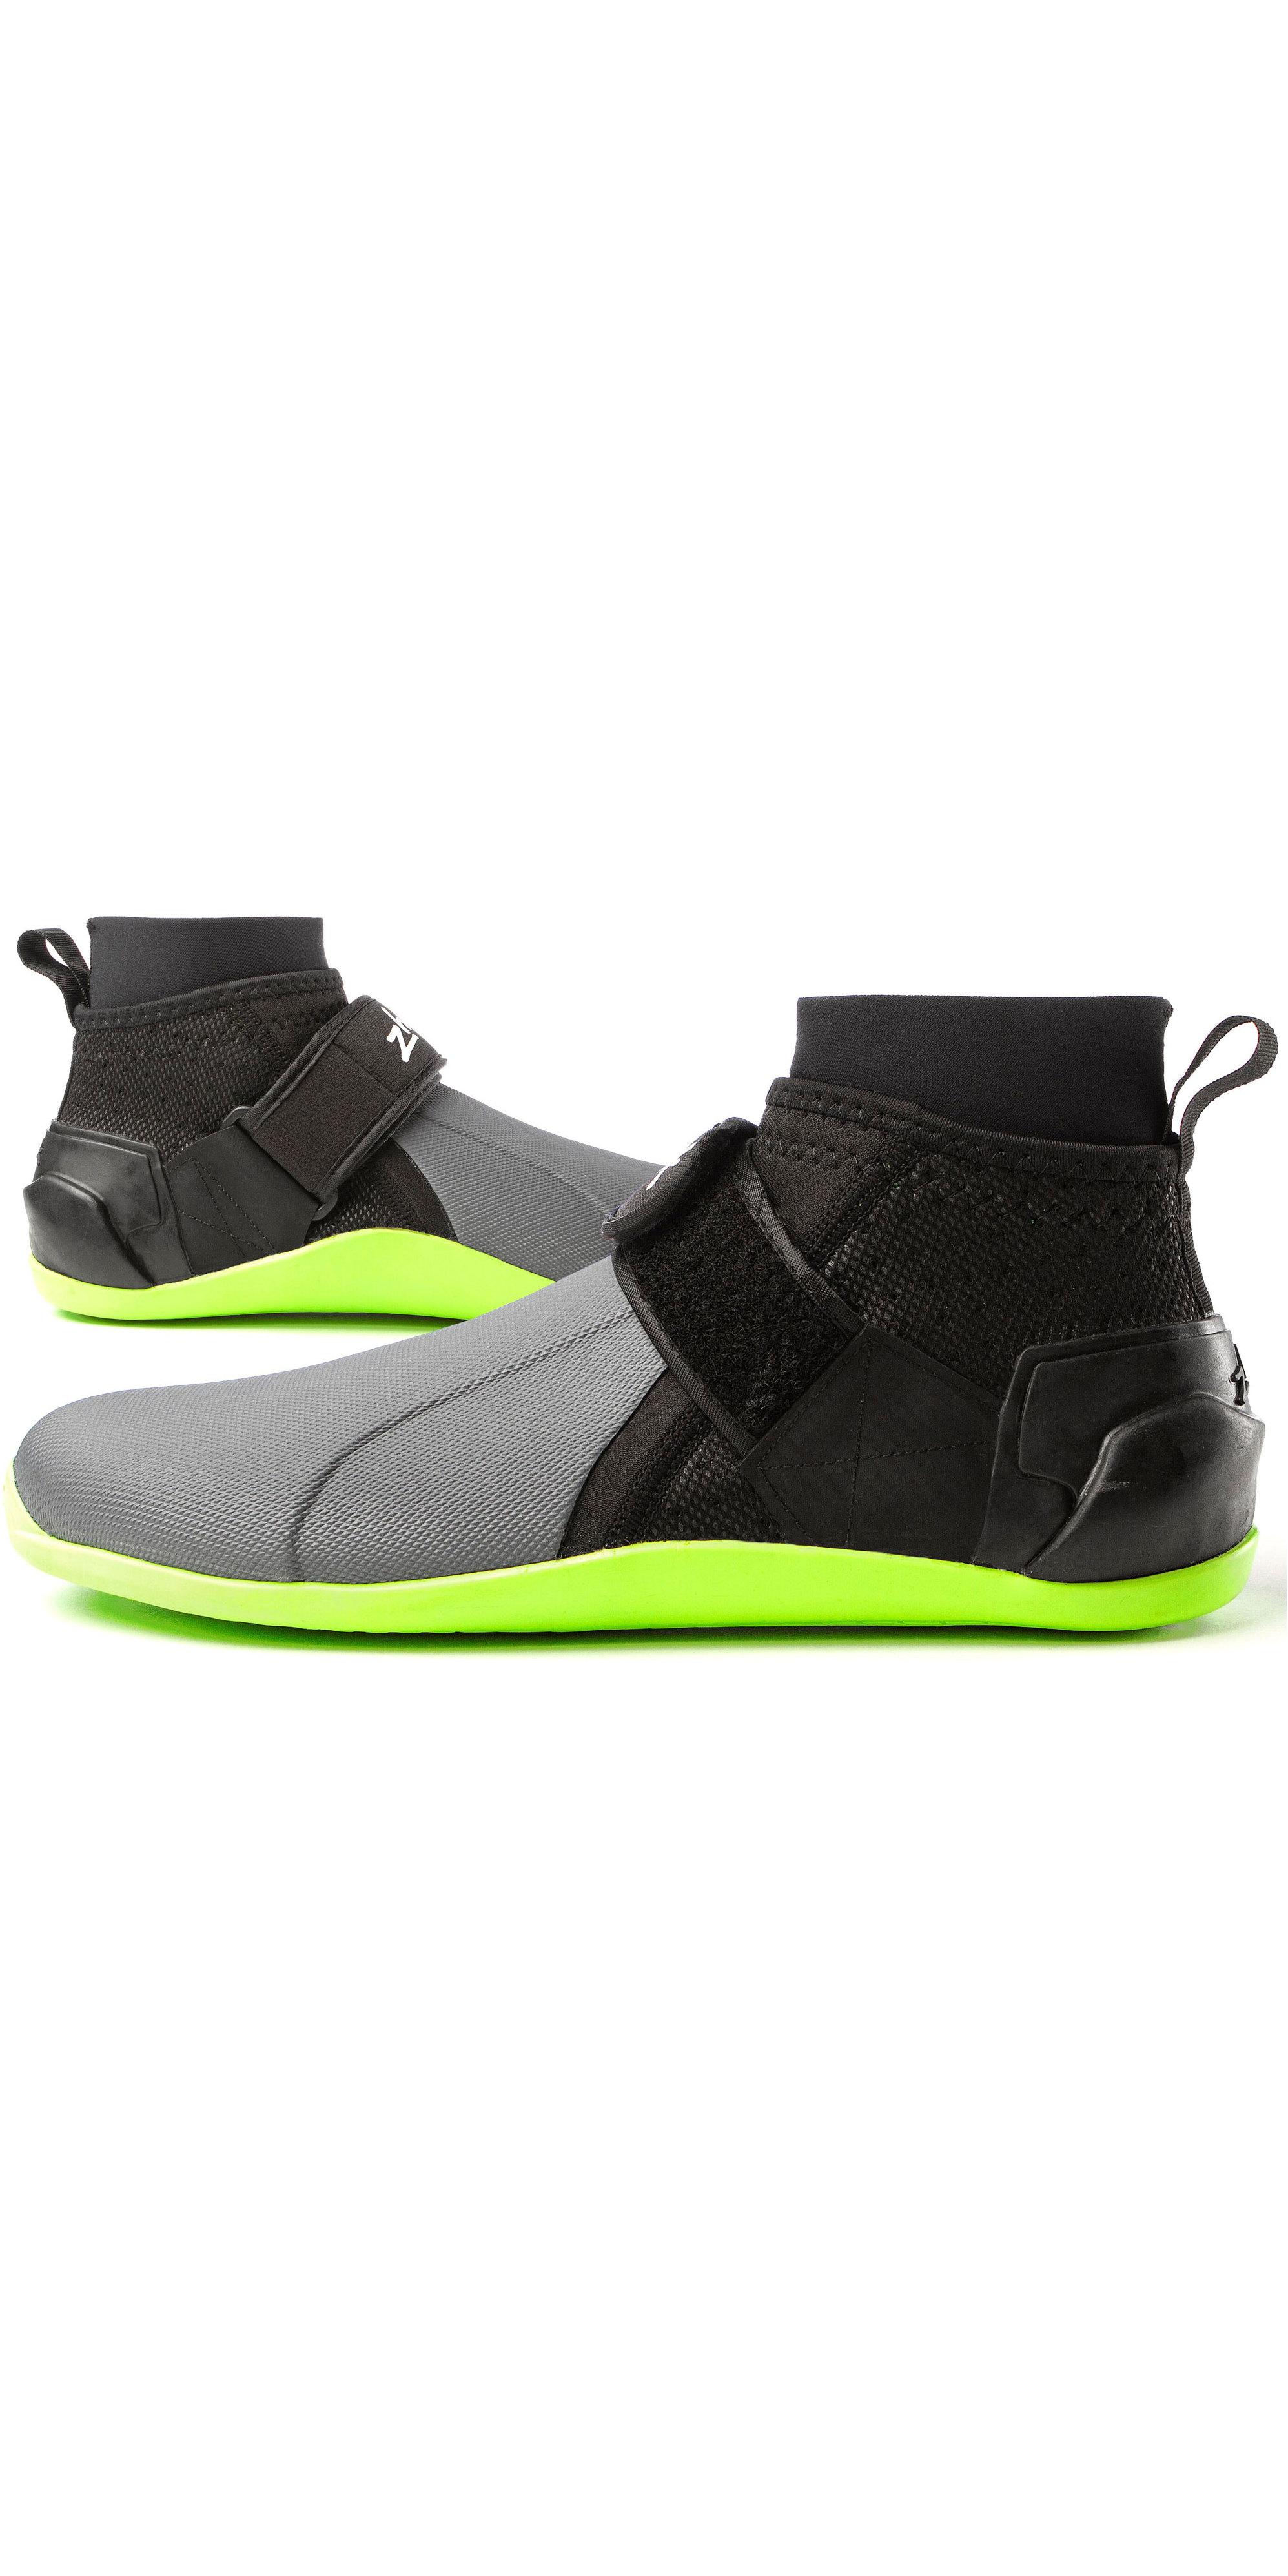 2019 Zhik Low Cut Ankle Boots Grey / Black DBT0170